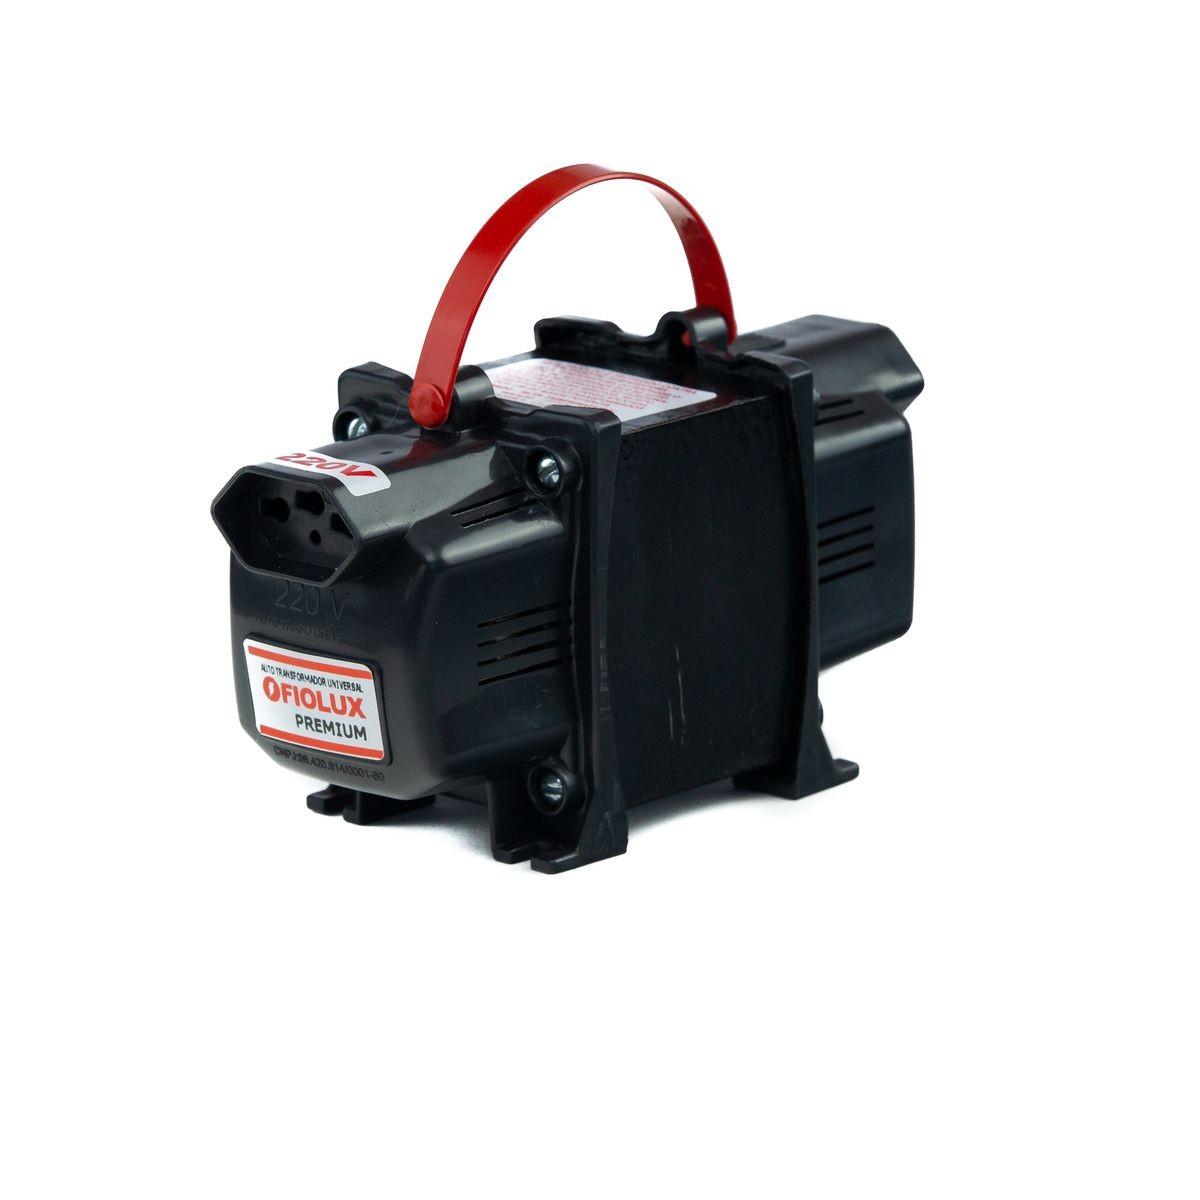 Transformador Fiolux Premium Tripolar 1500VA Bivolt 110/220 e 220/110 Ref: 1500 VA